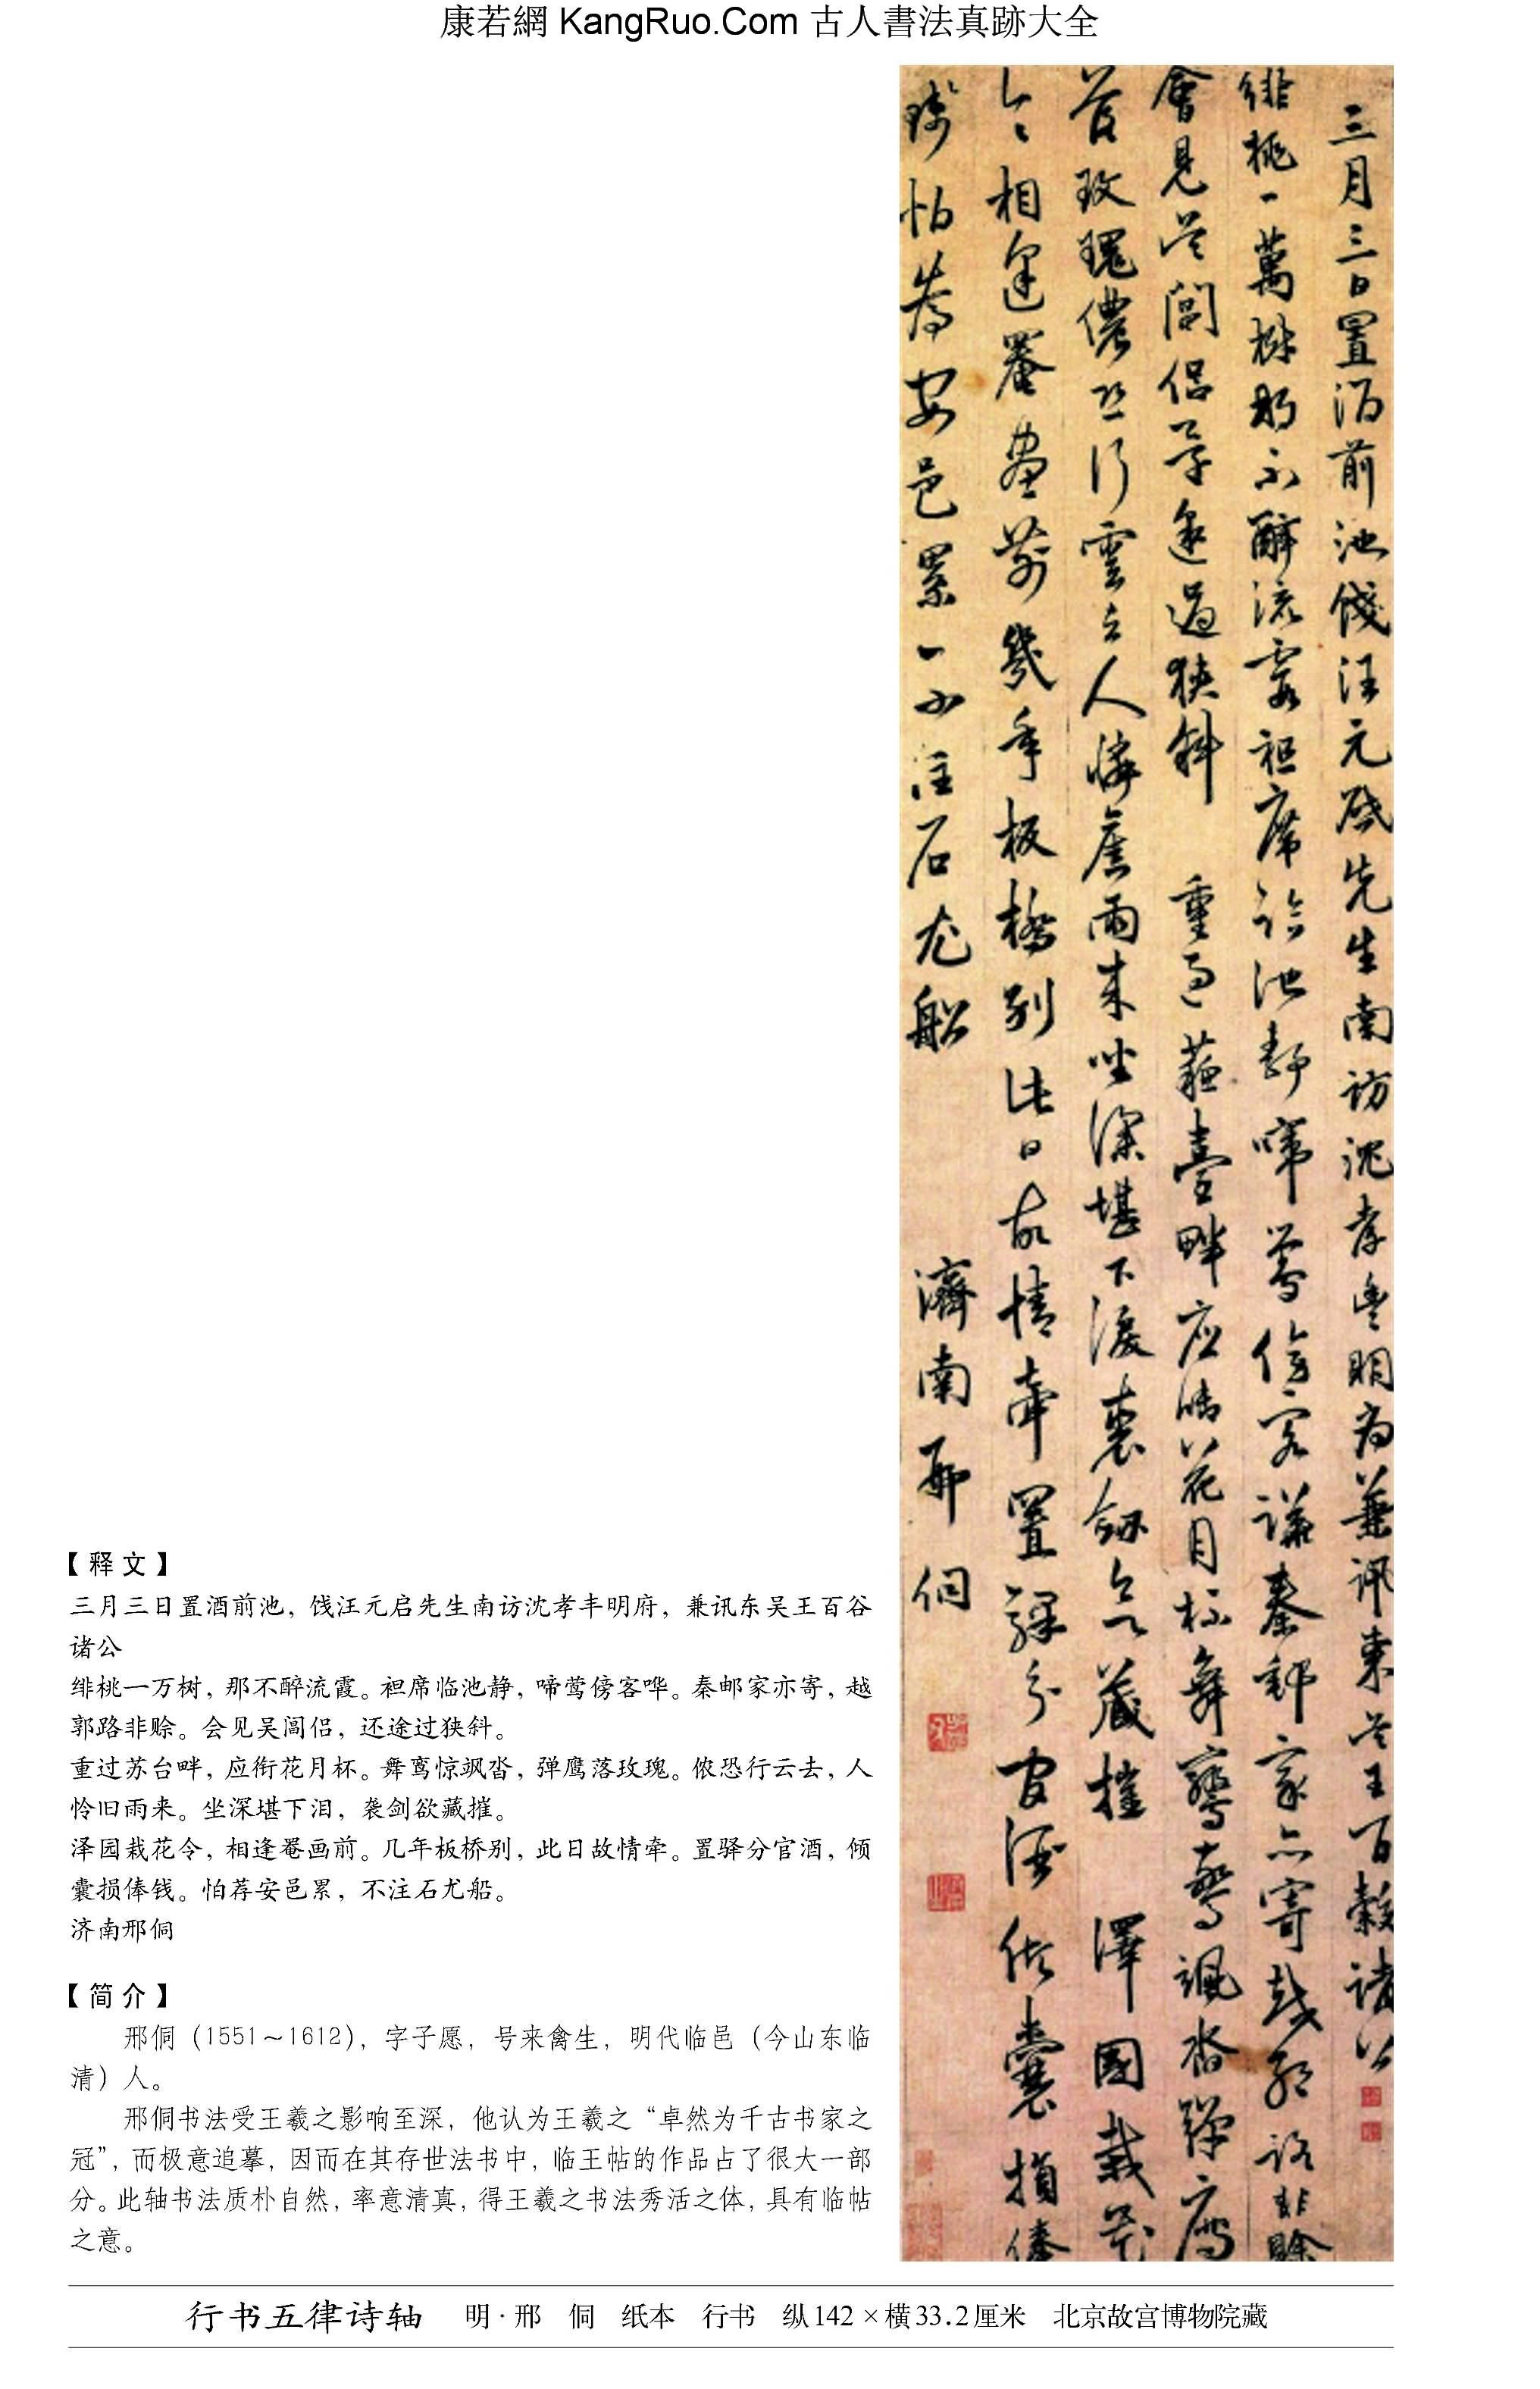 《行書五律詩軸》書法真跡【明朝·邢侗】_00198